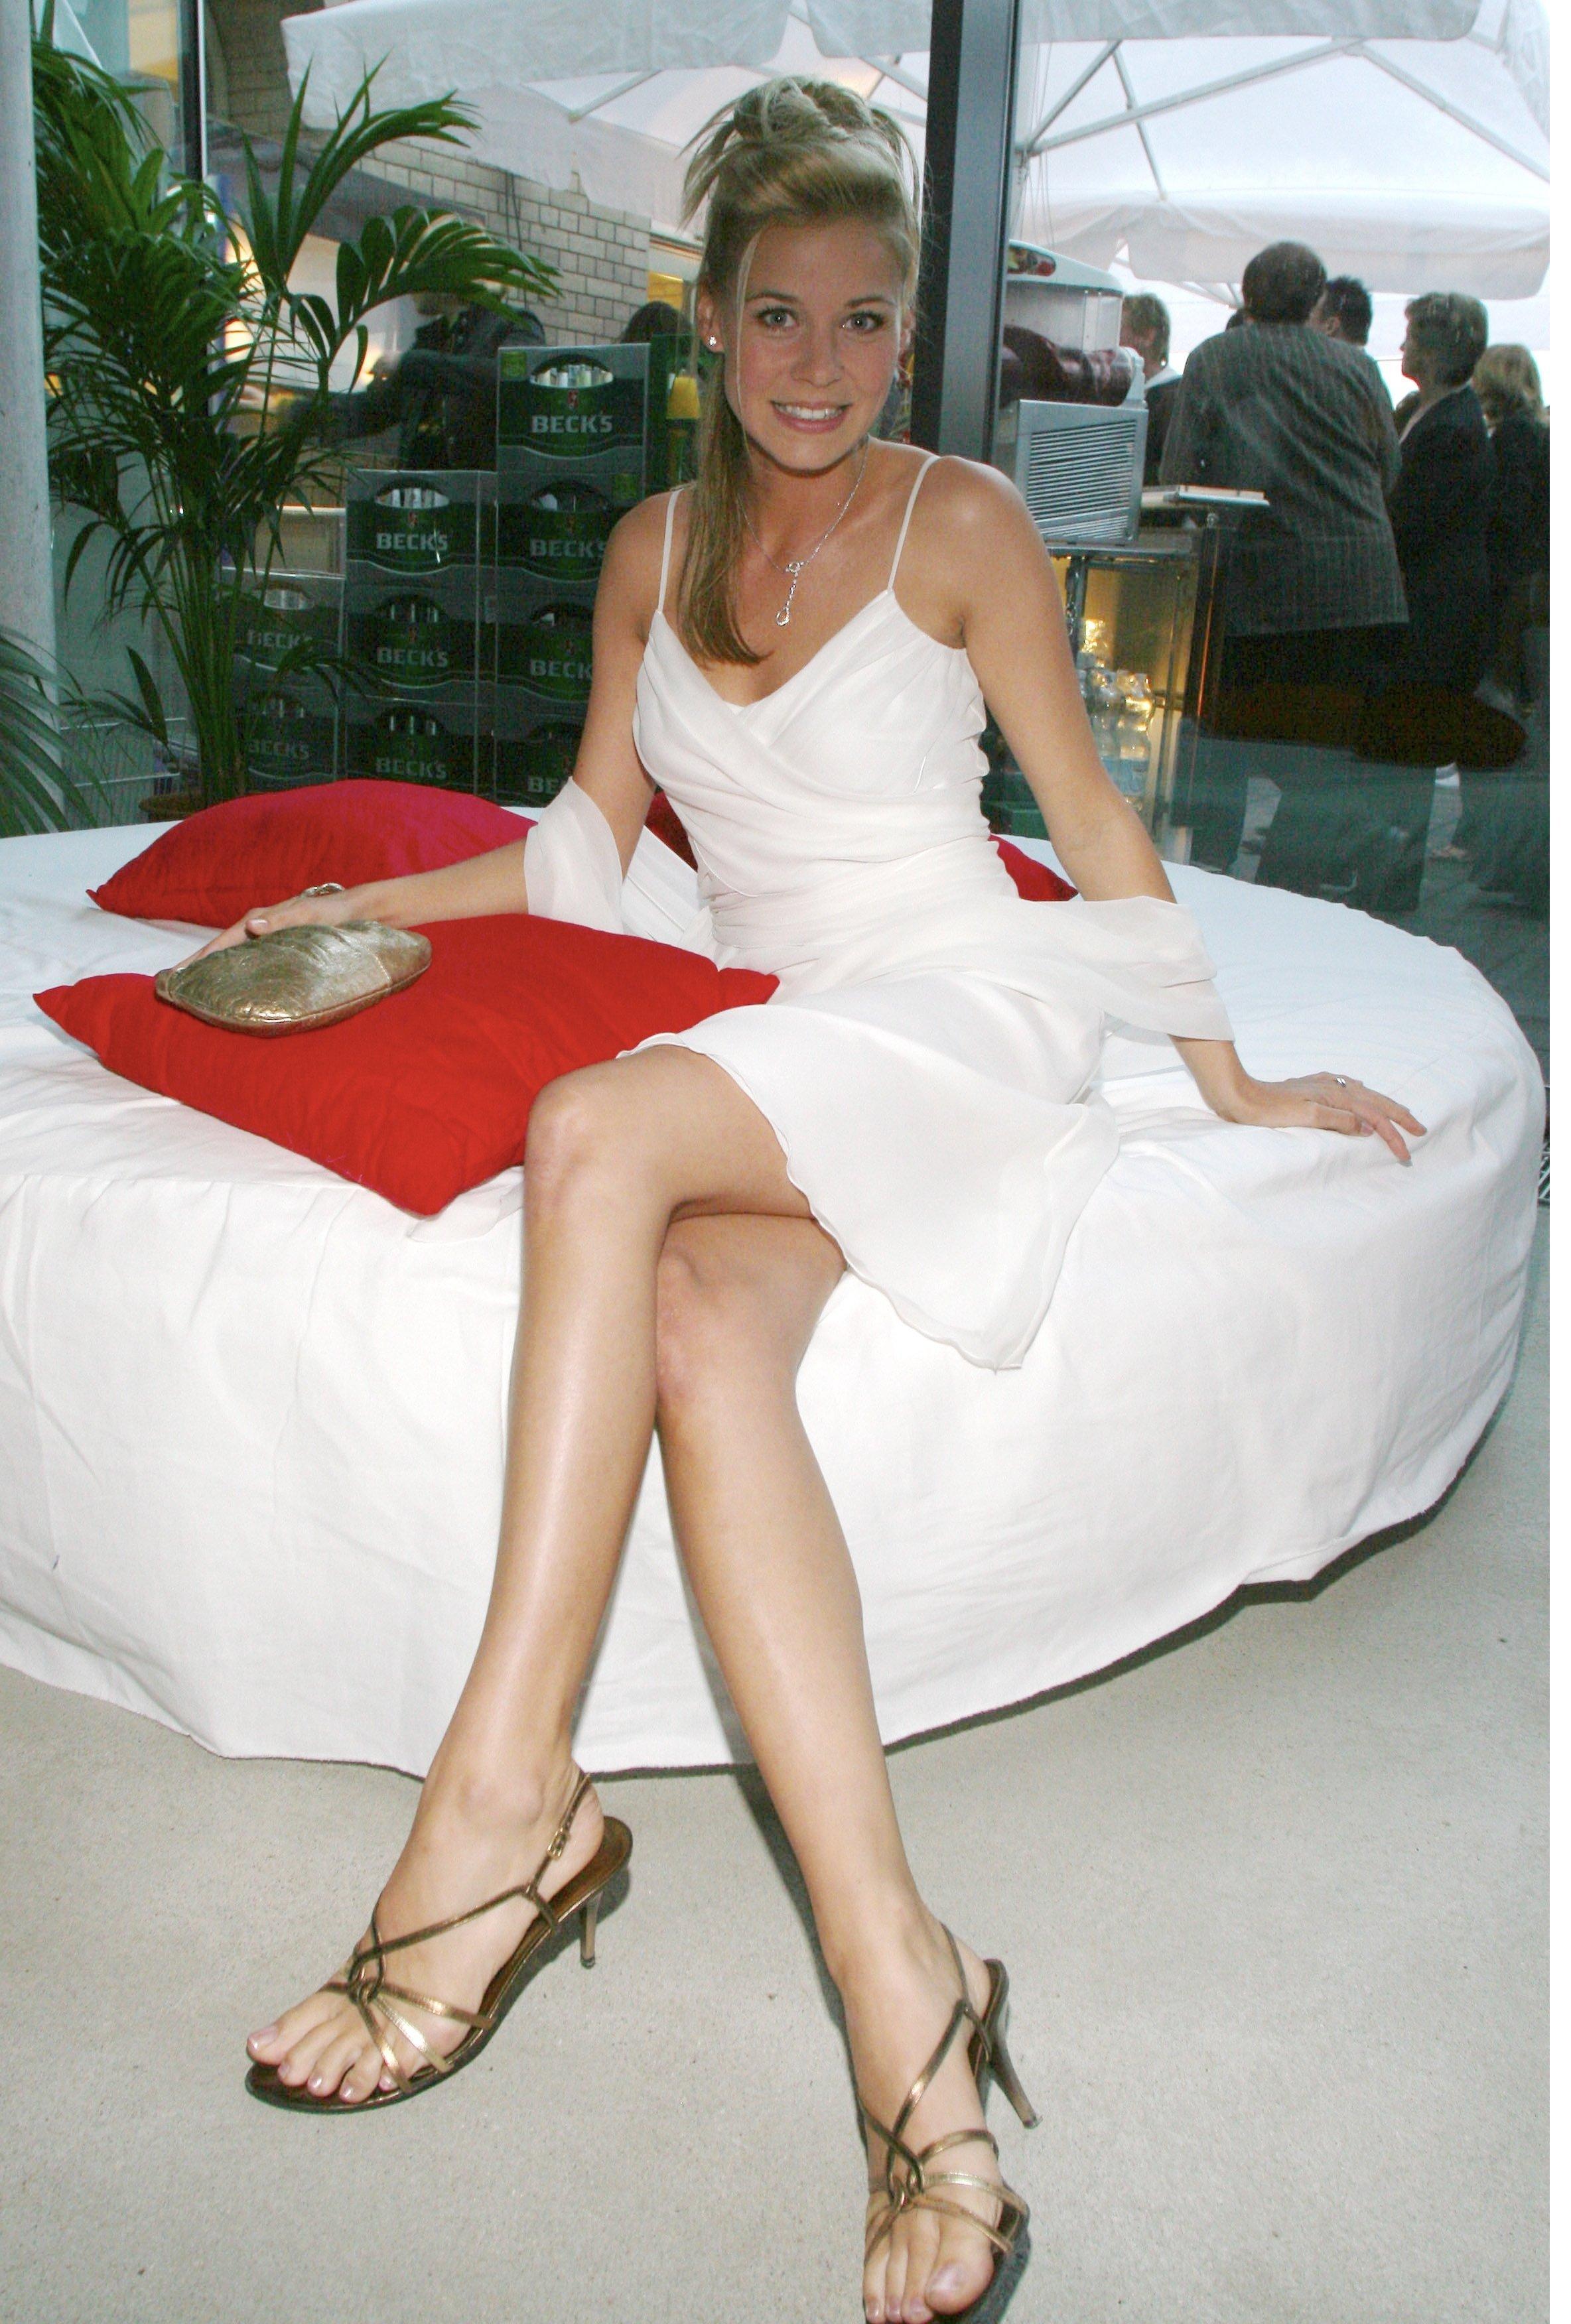 Poze Jessica Ginkel - Actor - Poza 26 din 63 - CineMagia.ro